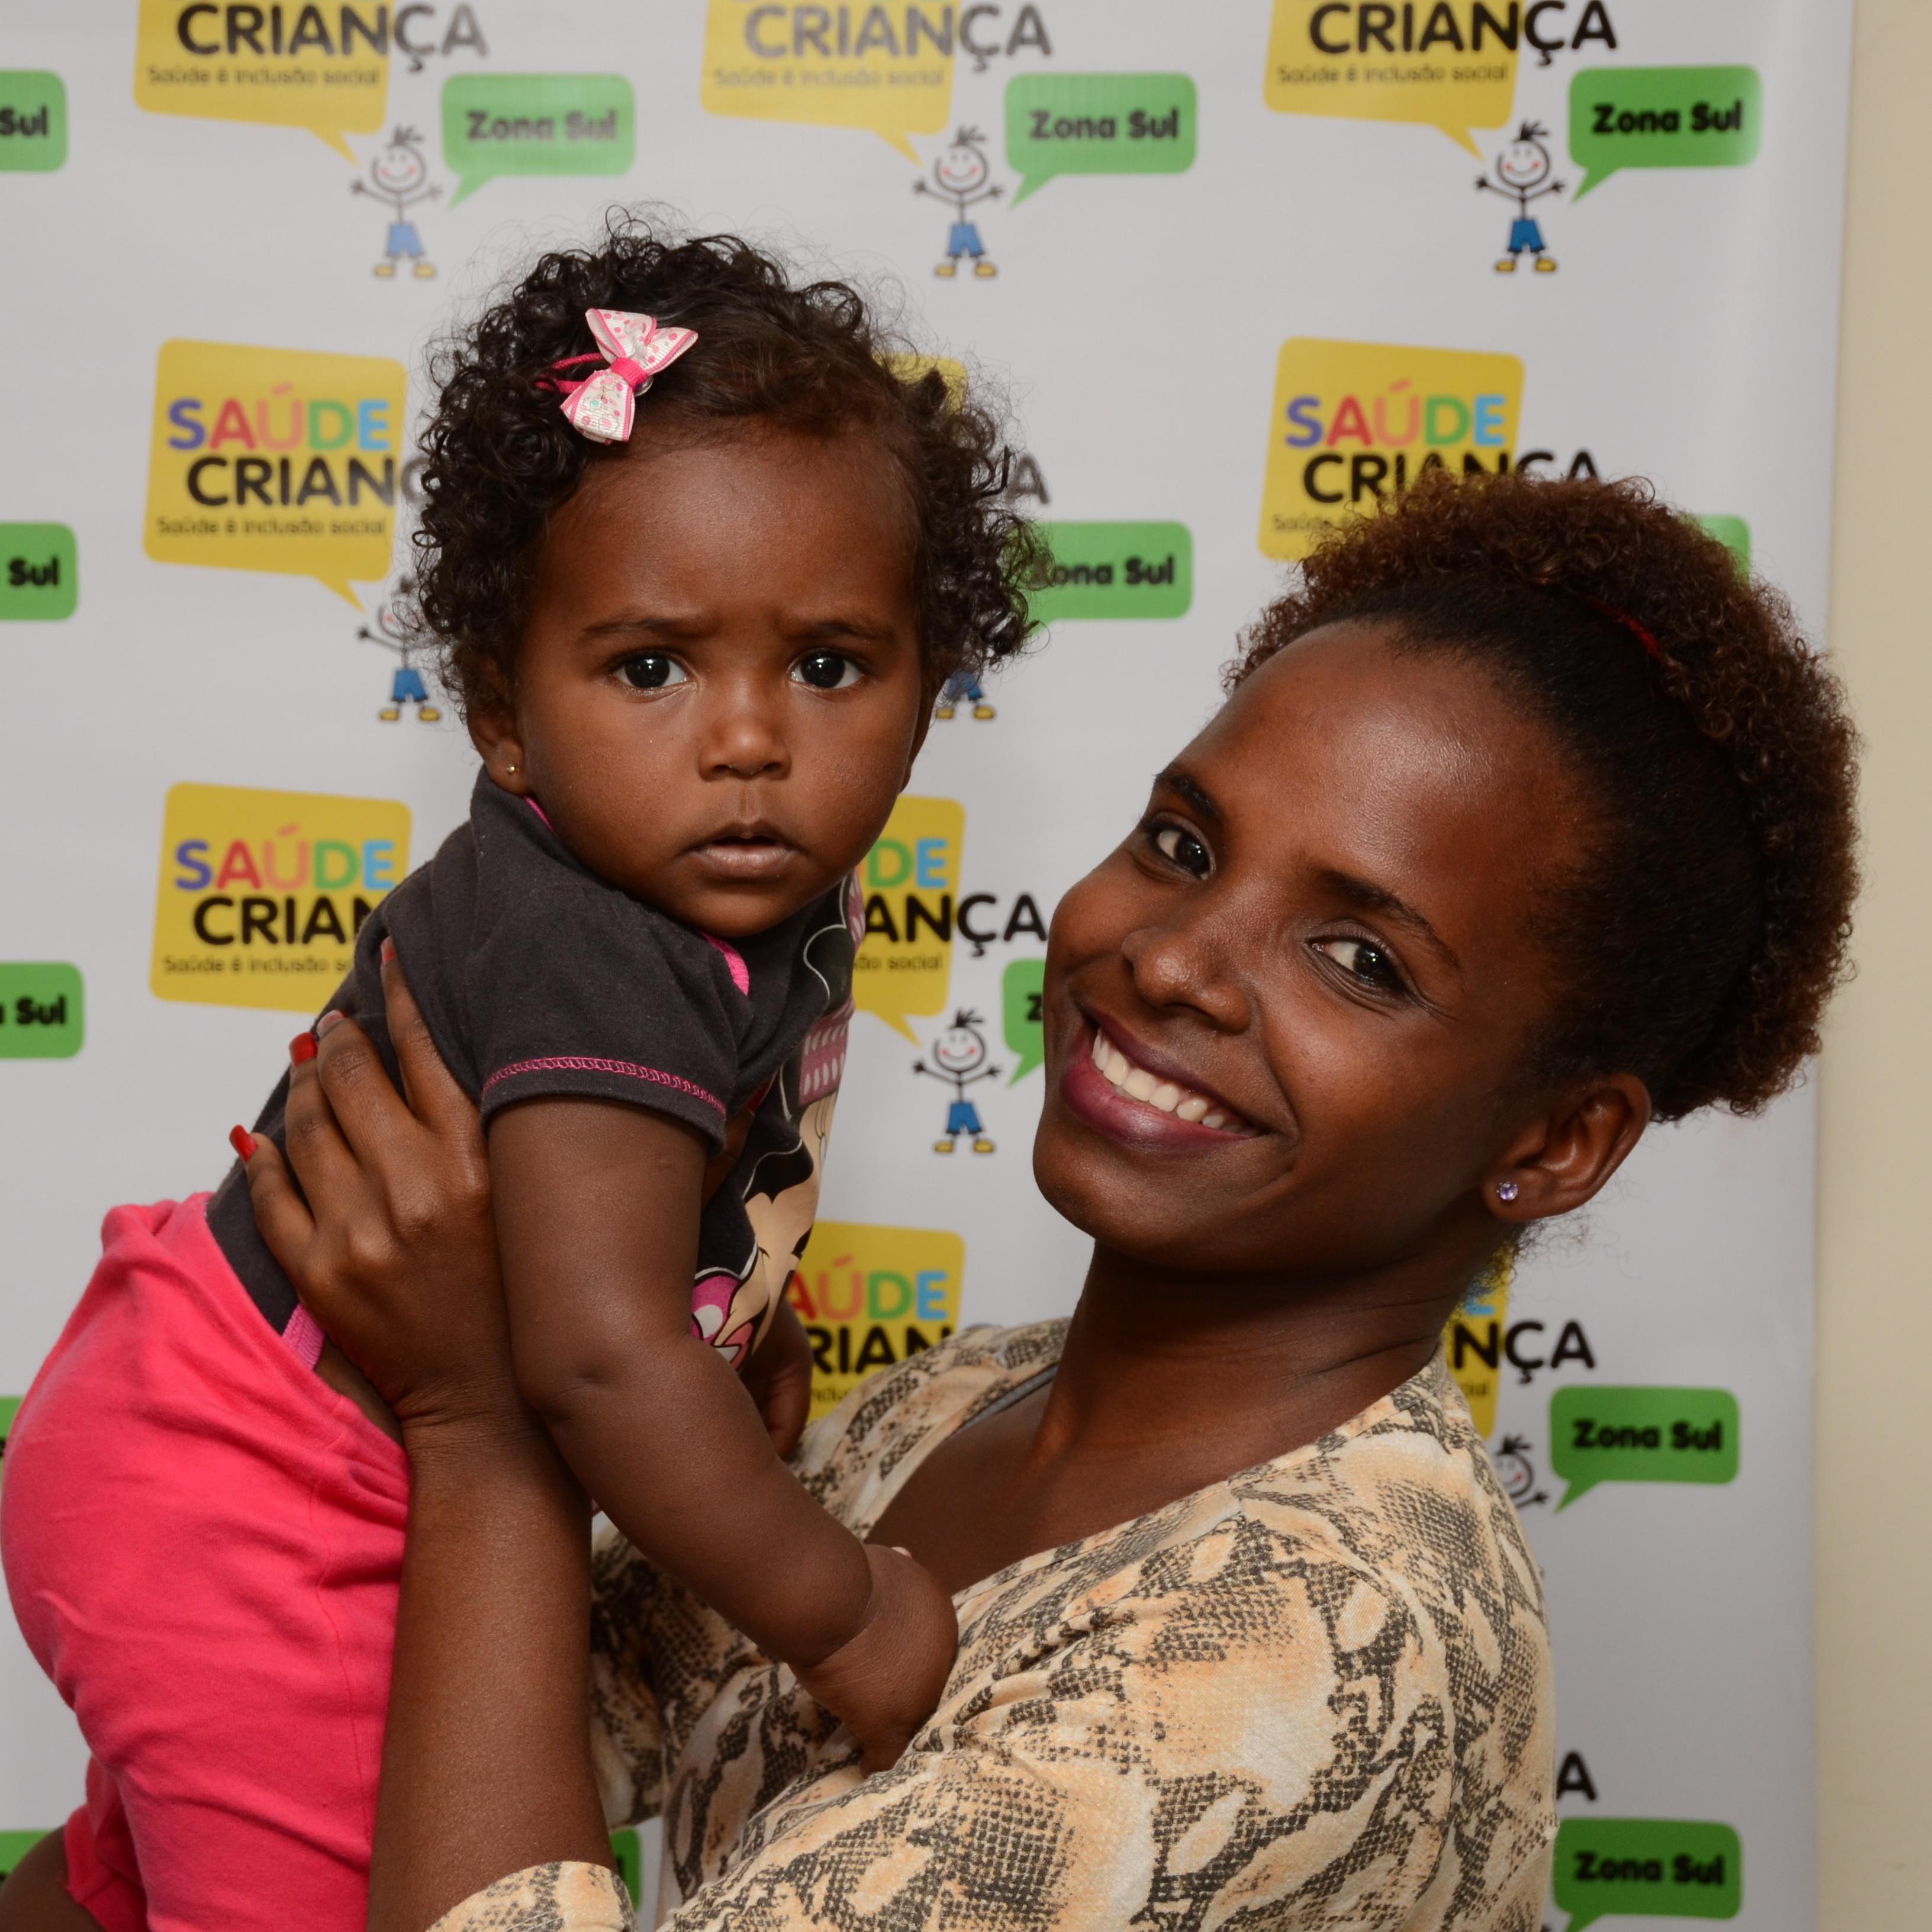 Saúde Criança Zona Sul, RJ